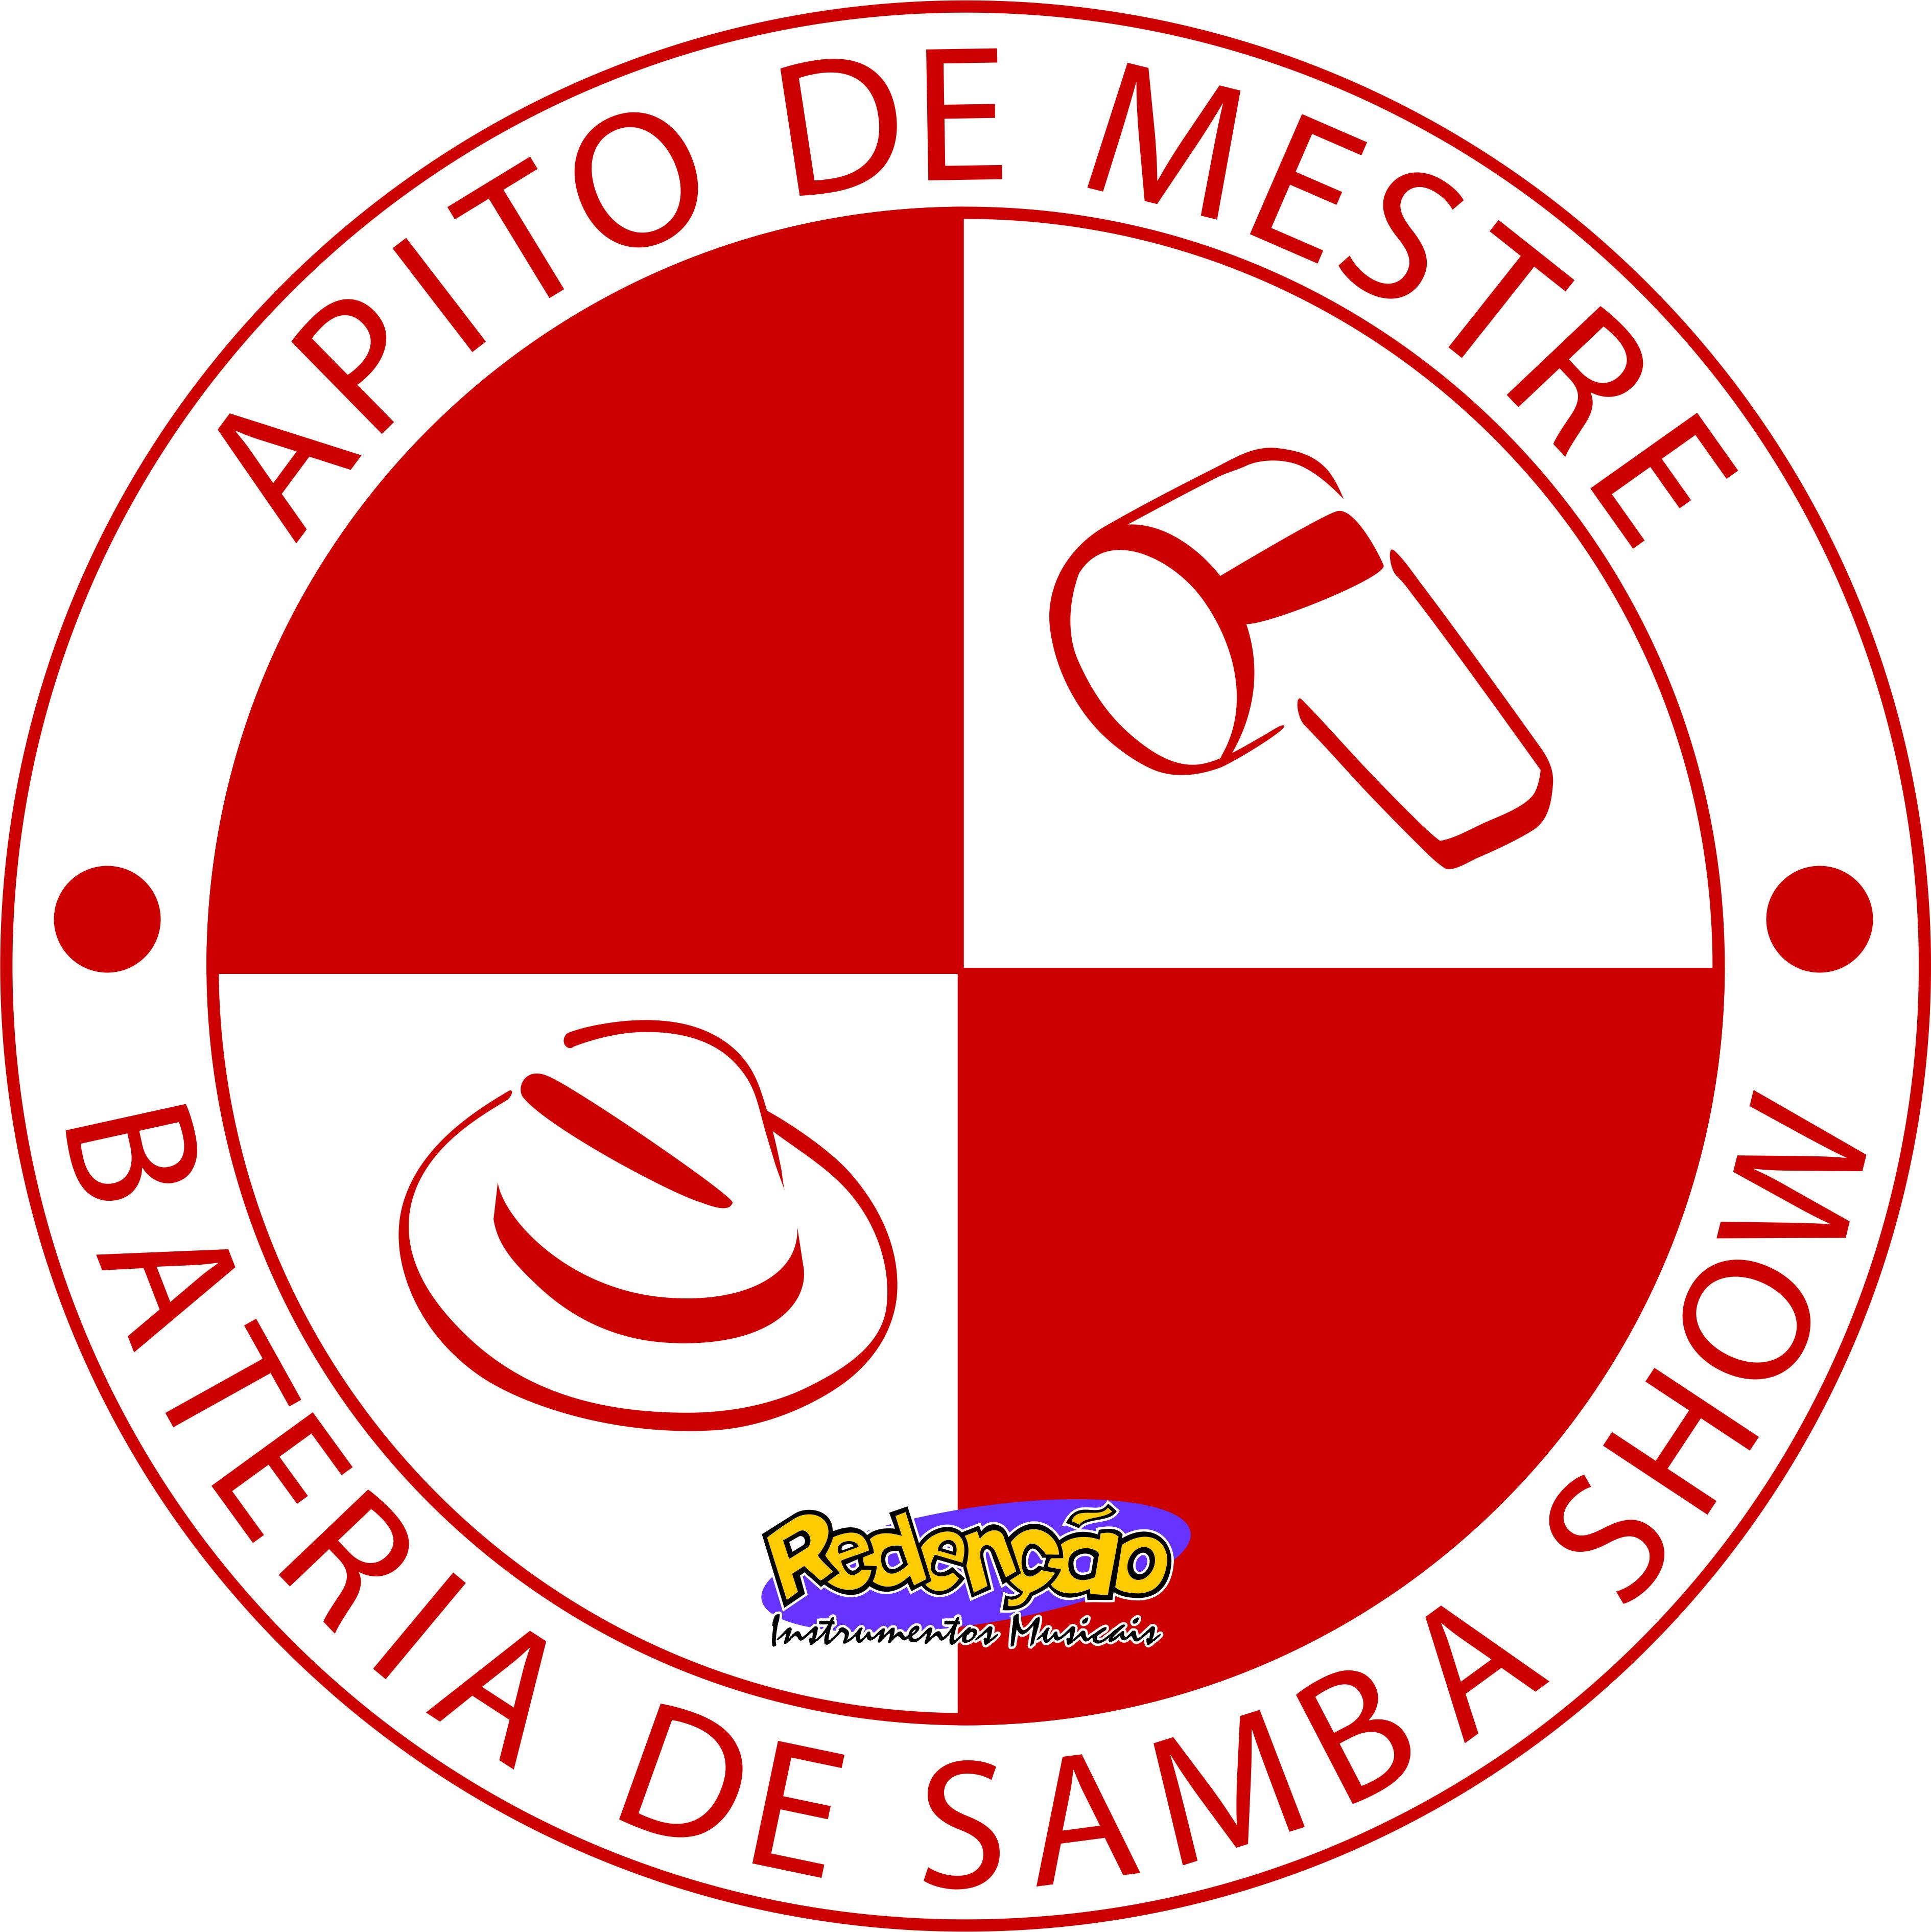 Apito de mestre samba show